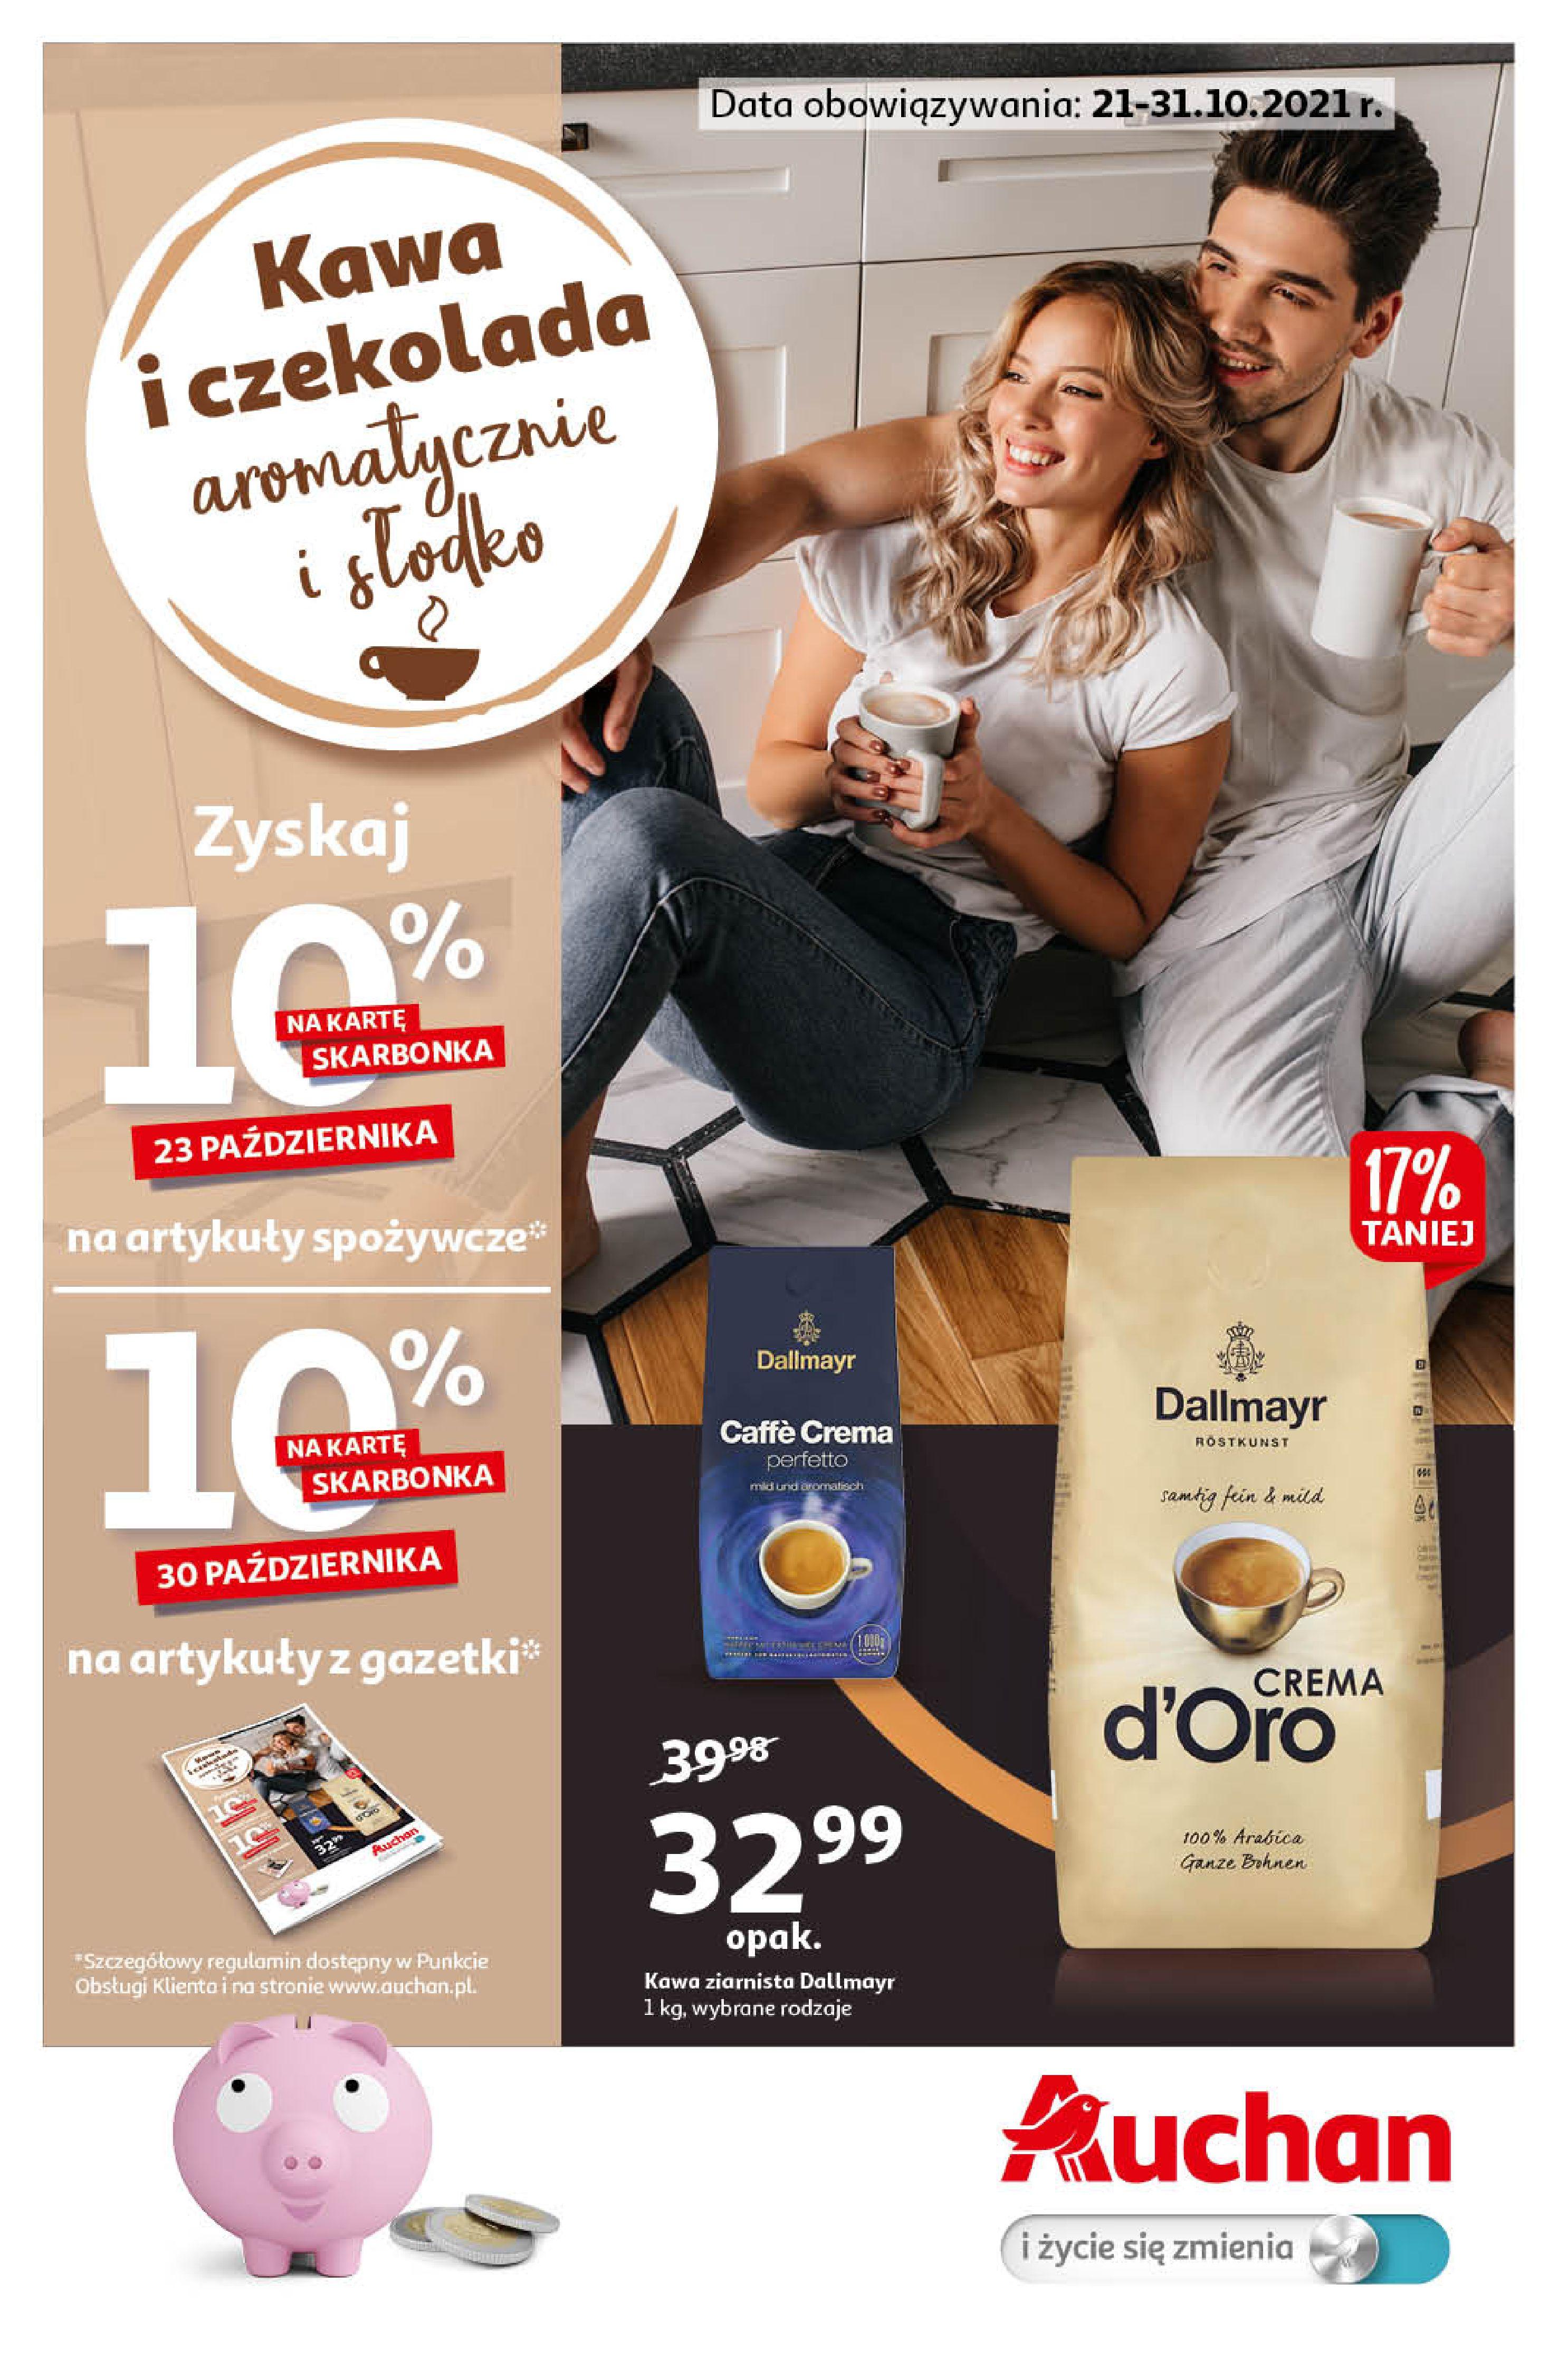 Gazetka Auchan: Gazetka Auchan - Kawa i czekolada aromatycznie i słodko Hipermarkety - 20.10.2021